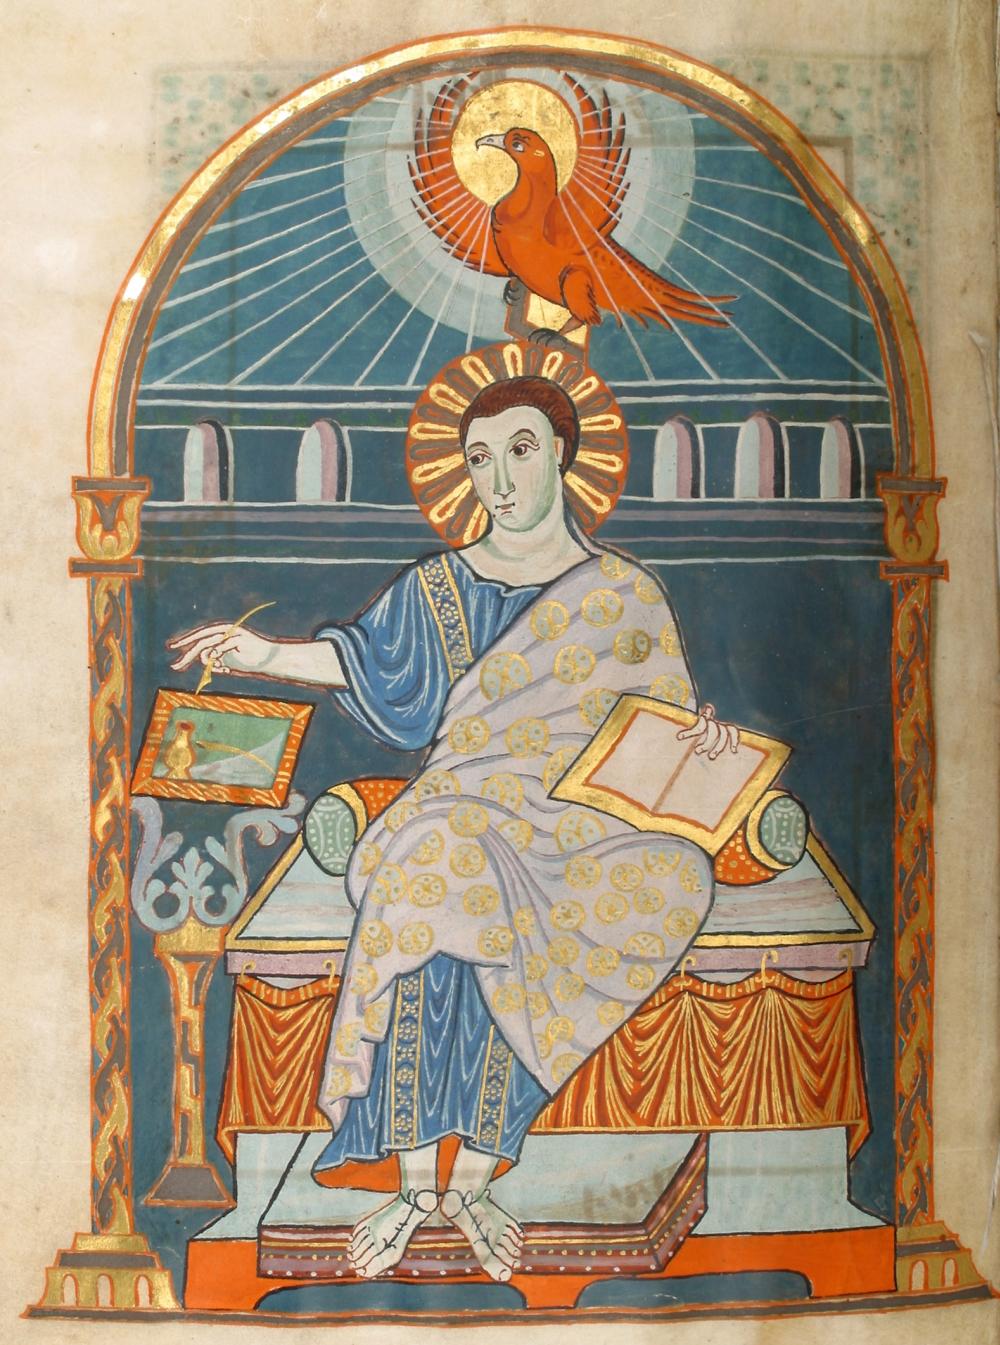 [Gospel+Illumination+in+Gero+Codex.jpg]